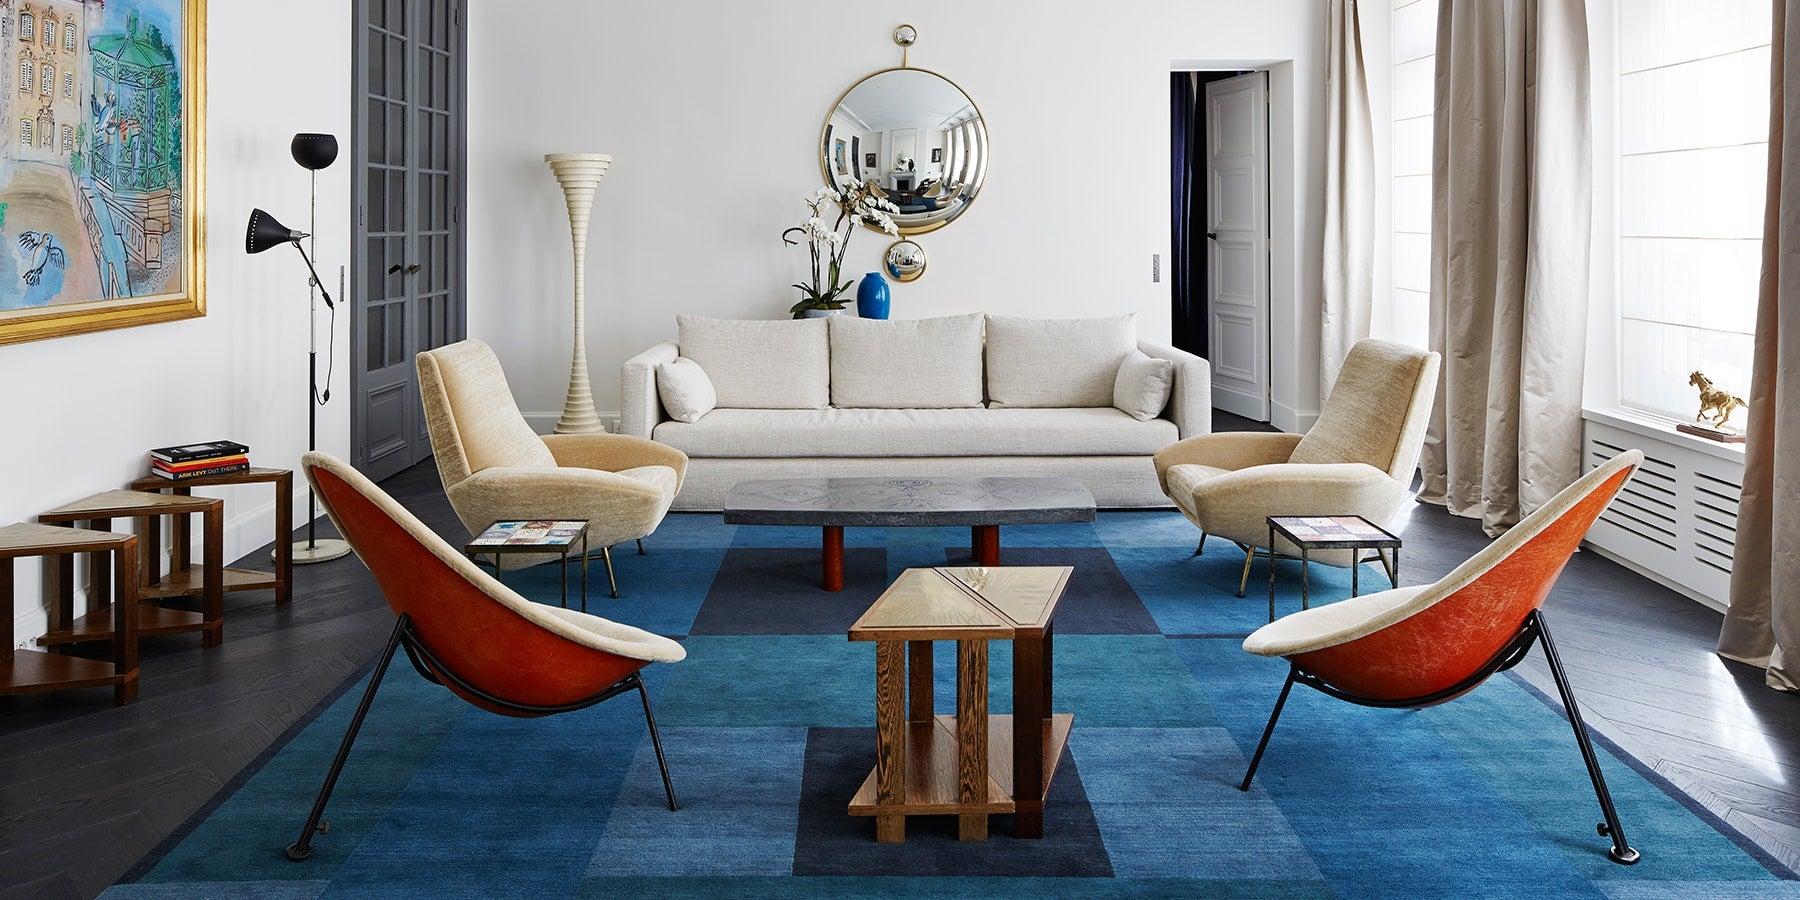 Sarah lavoine is shaking up parisian interior design